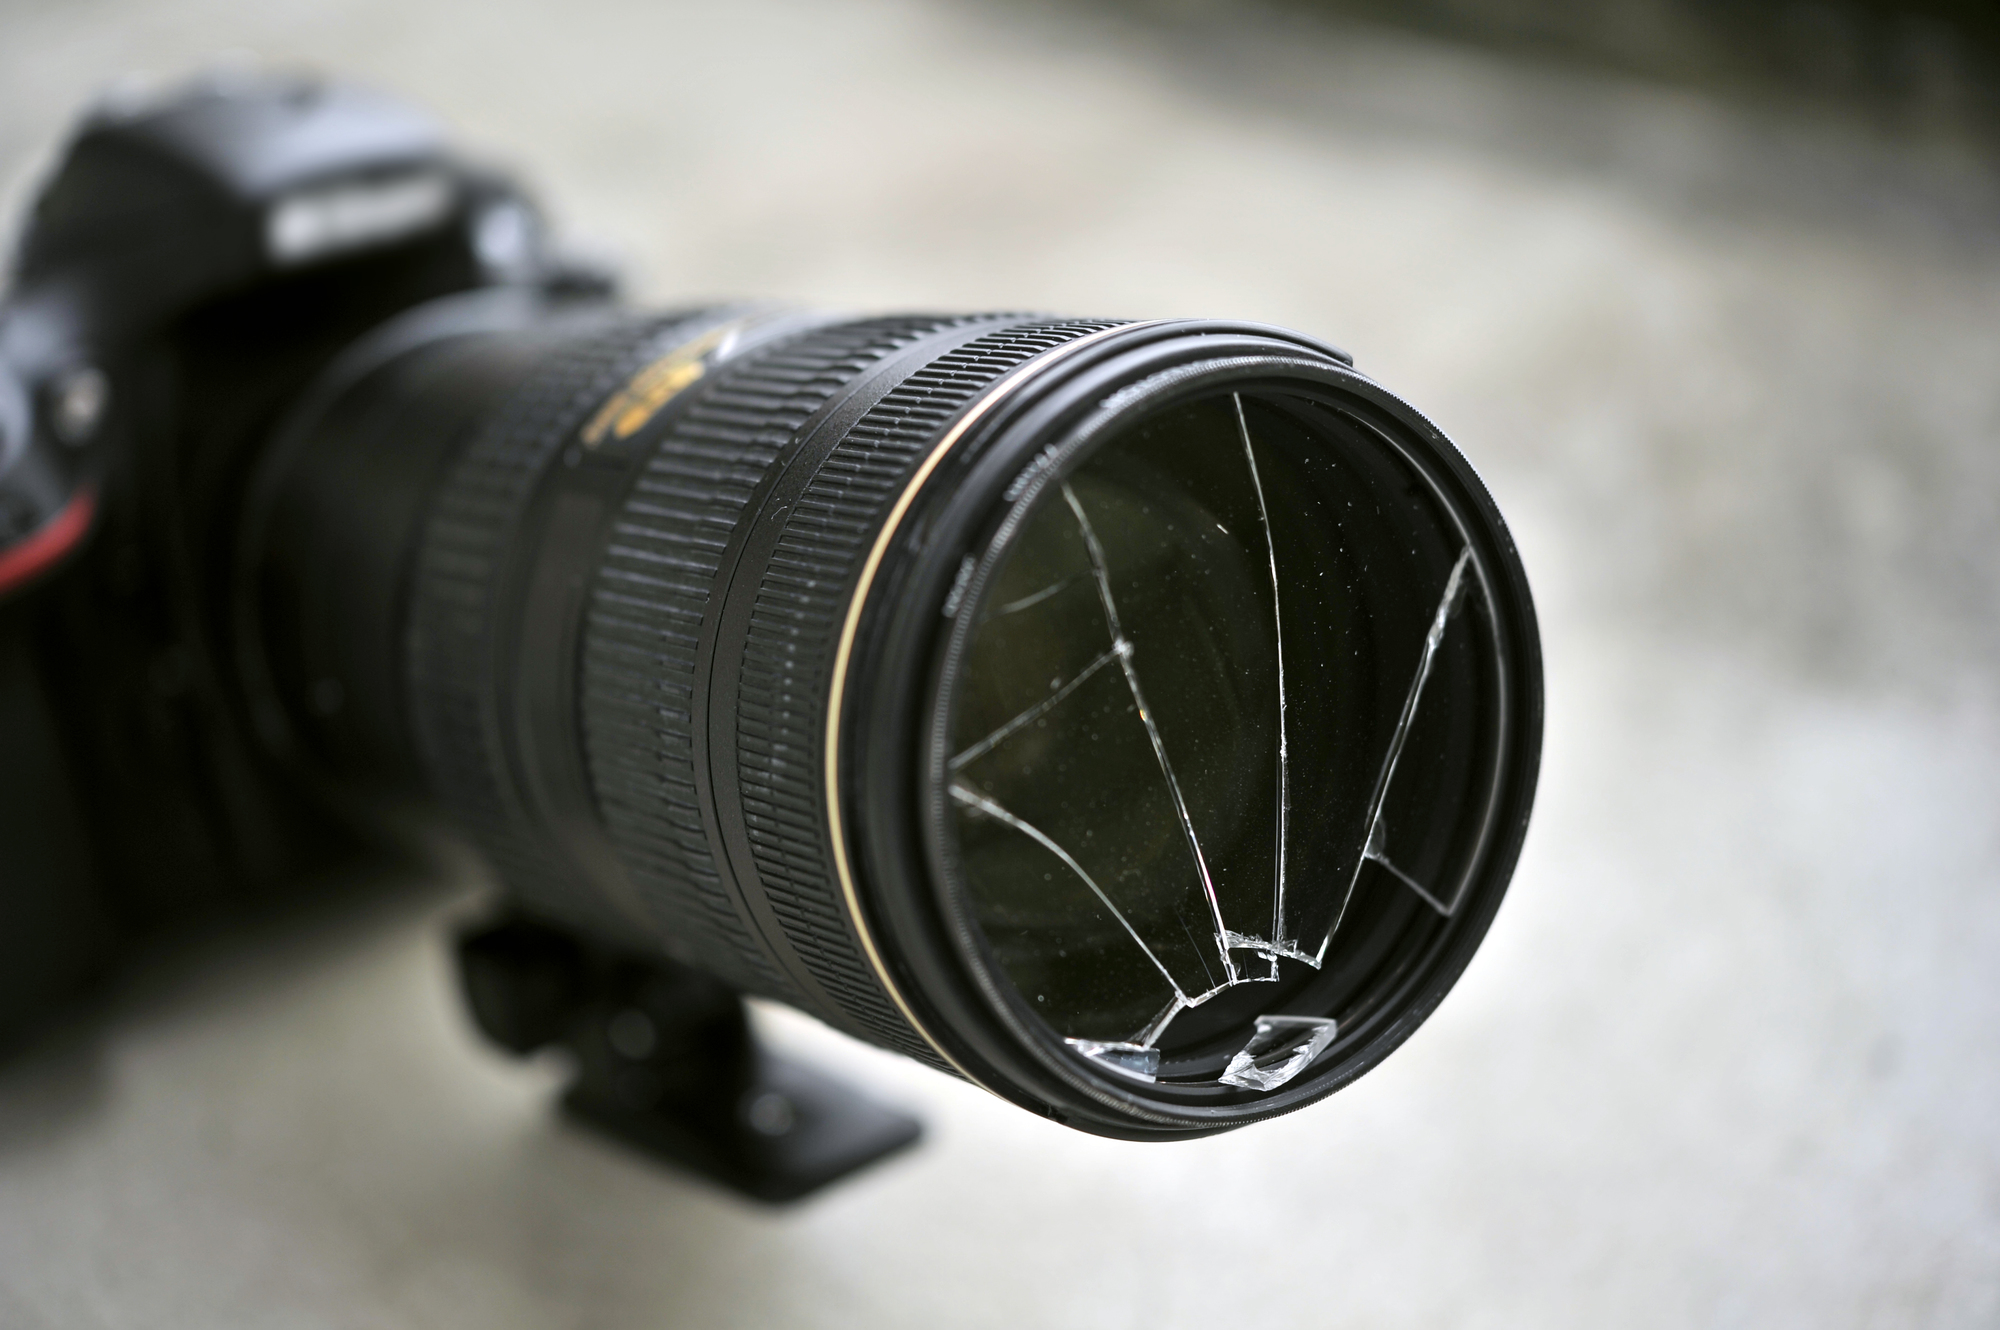 06_不要になったミラーレス一眼レフカメラを無料で処分する方法&注意点まとめ